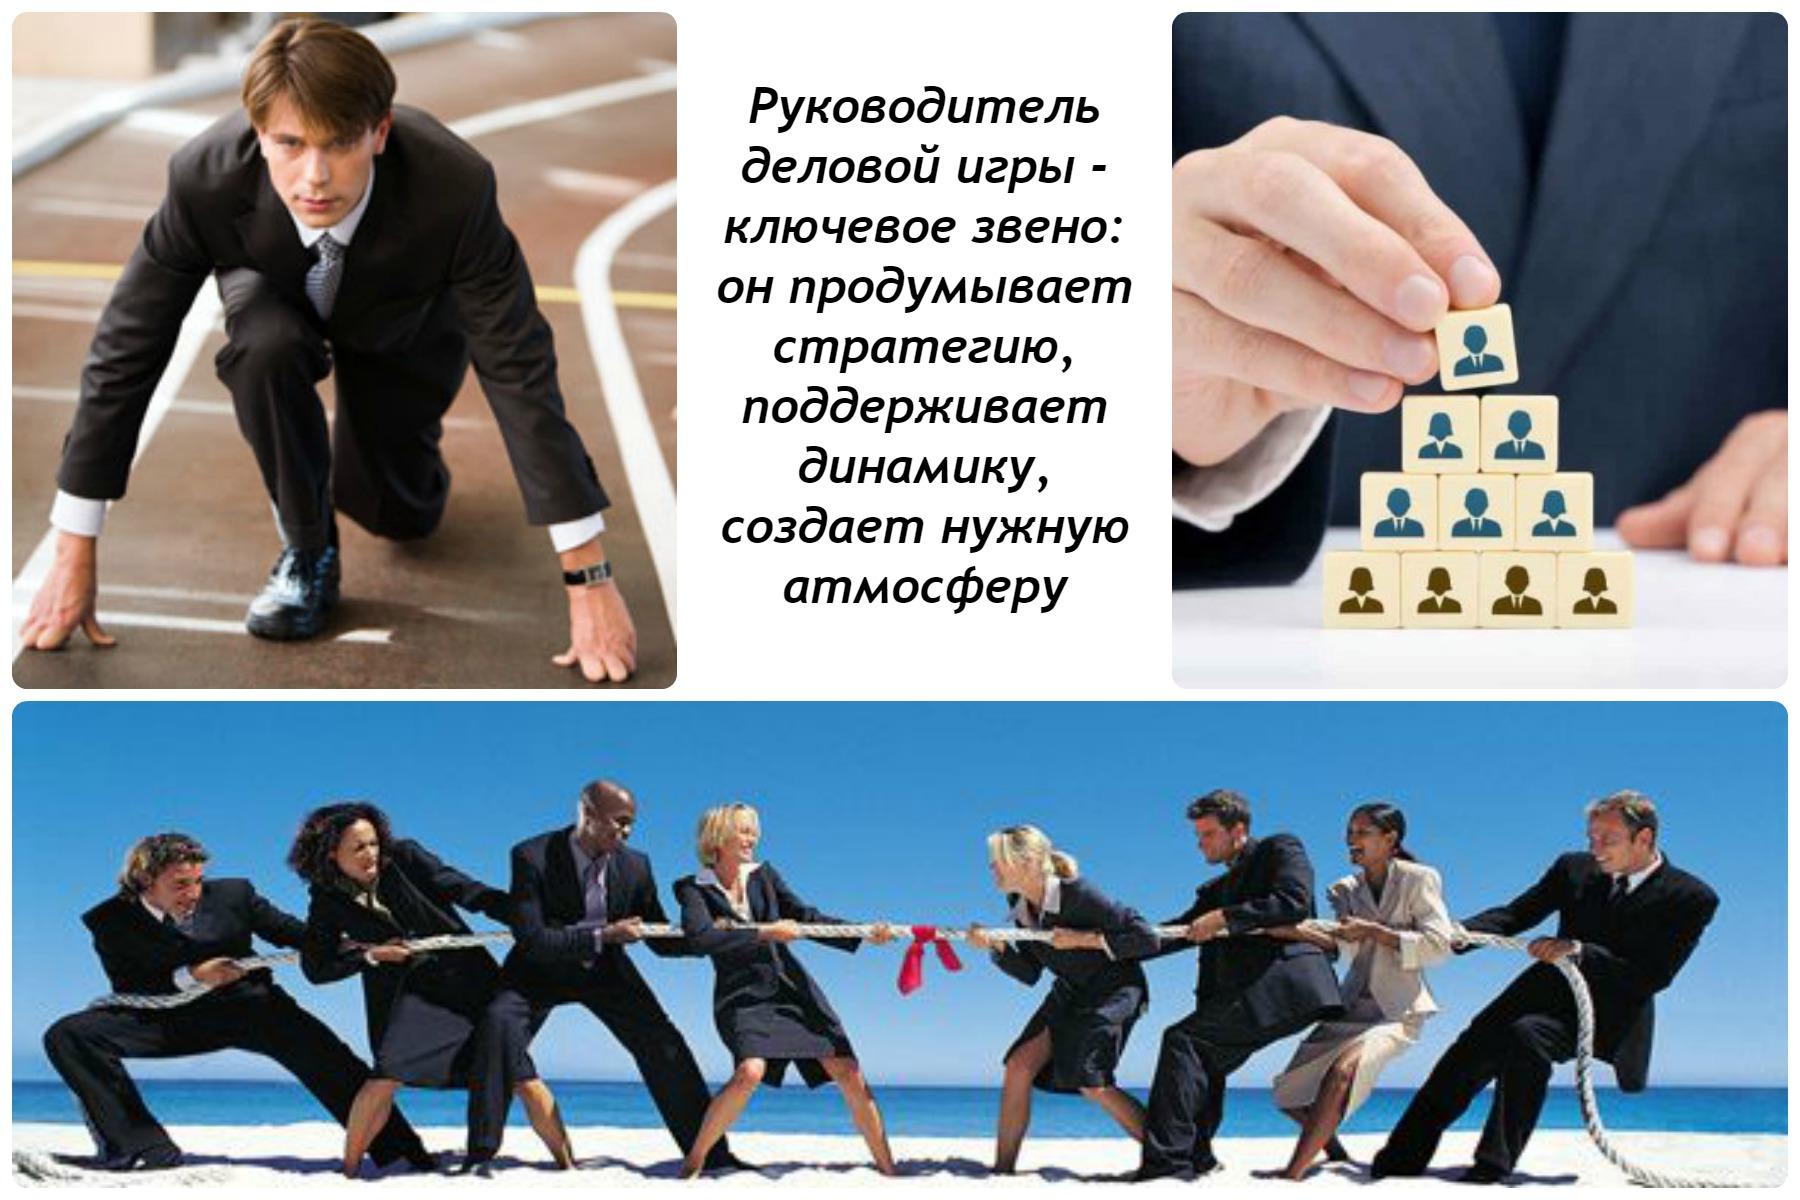 коллаж 3 картинки: клерк на старте, клерки за перетягиванием каната и рука лидера